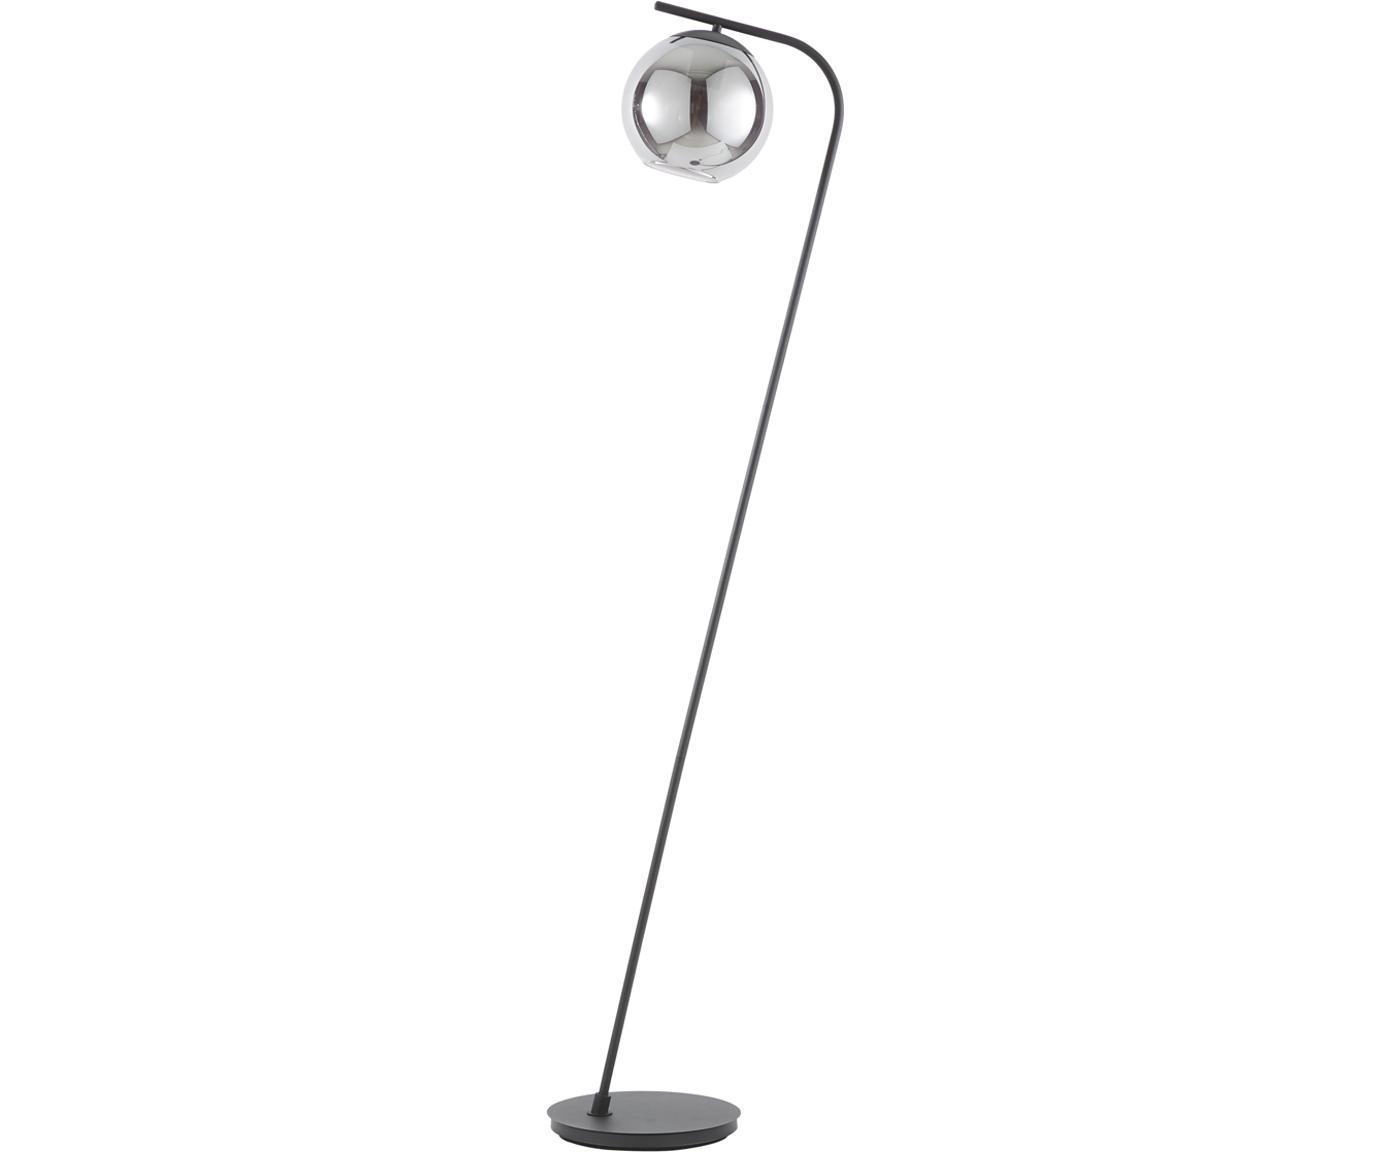 Lampa podłogowa Amos, Czarny, transparentny, Ø 20 x W 150 cm